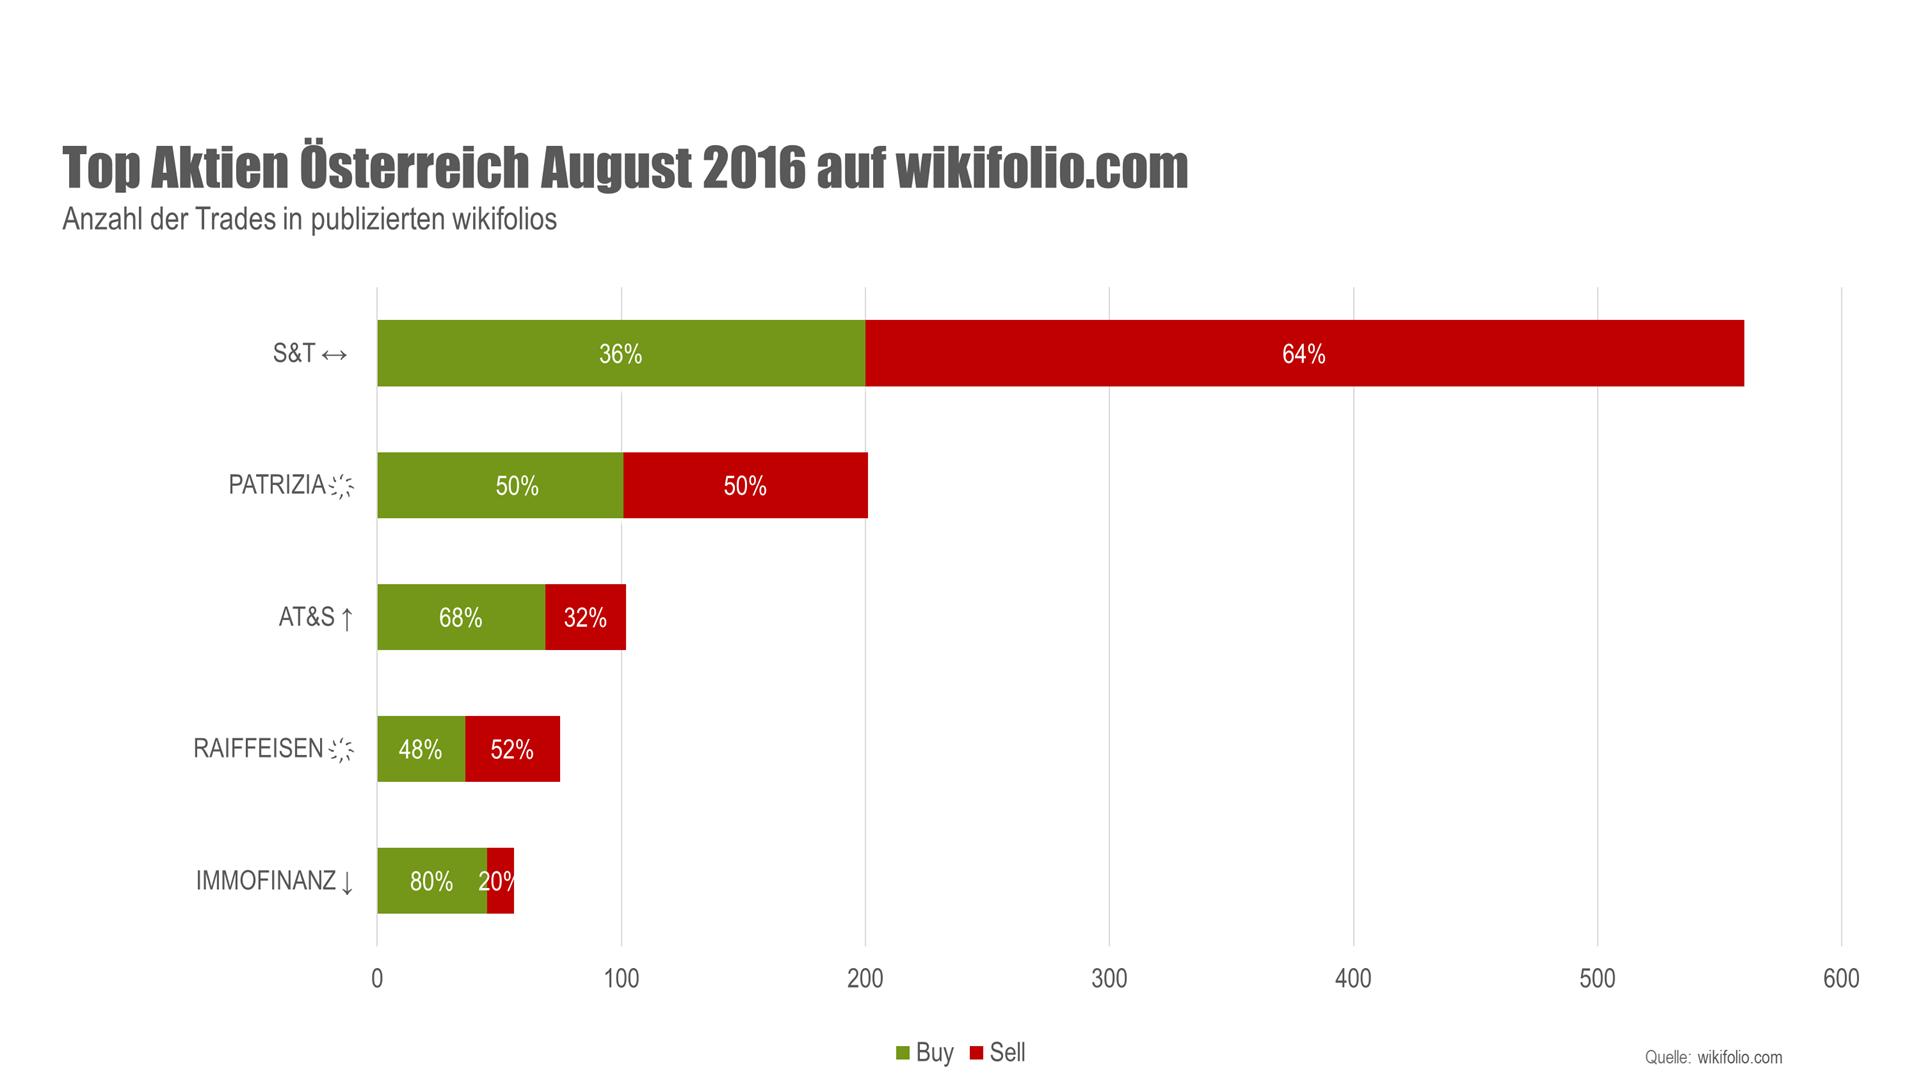 Grafik Top-5-wikifolios Österreich August